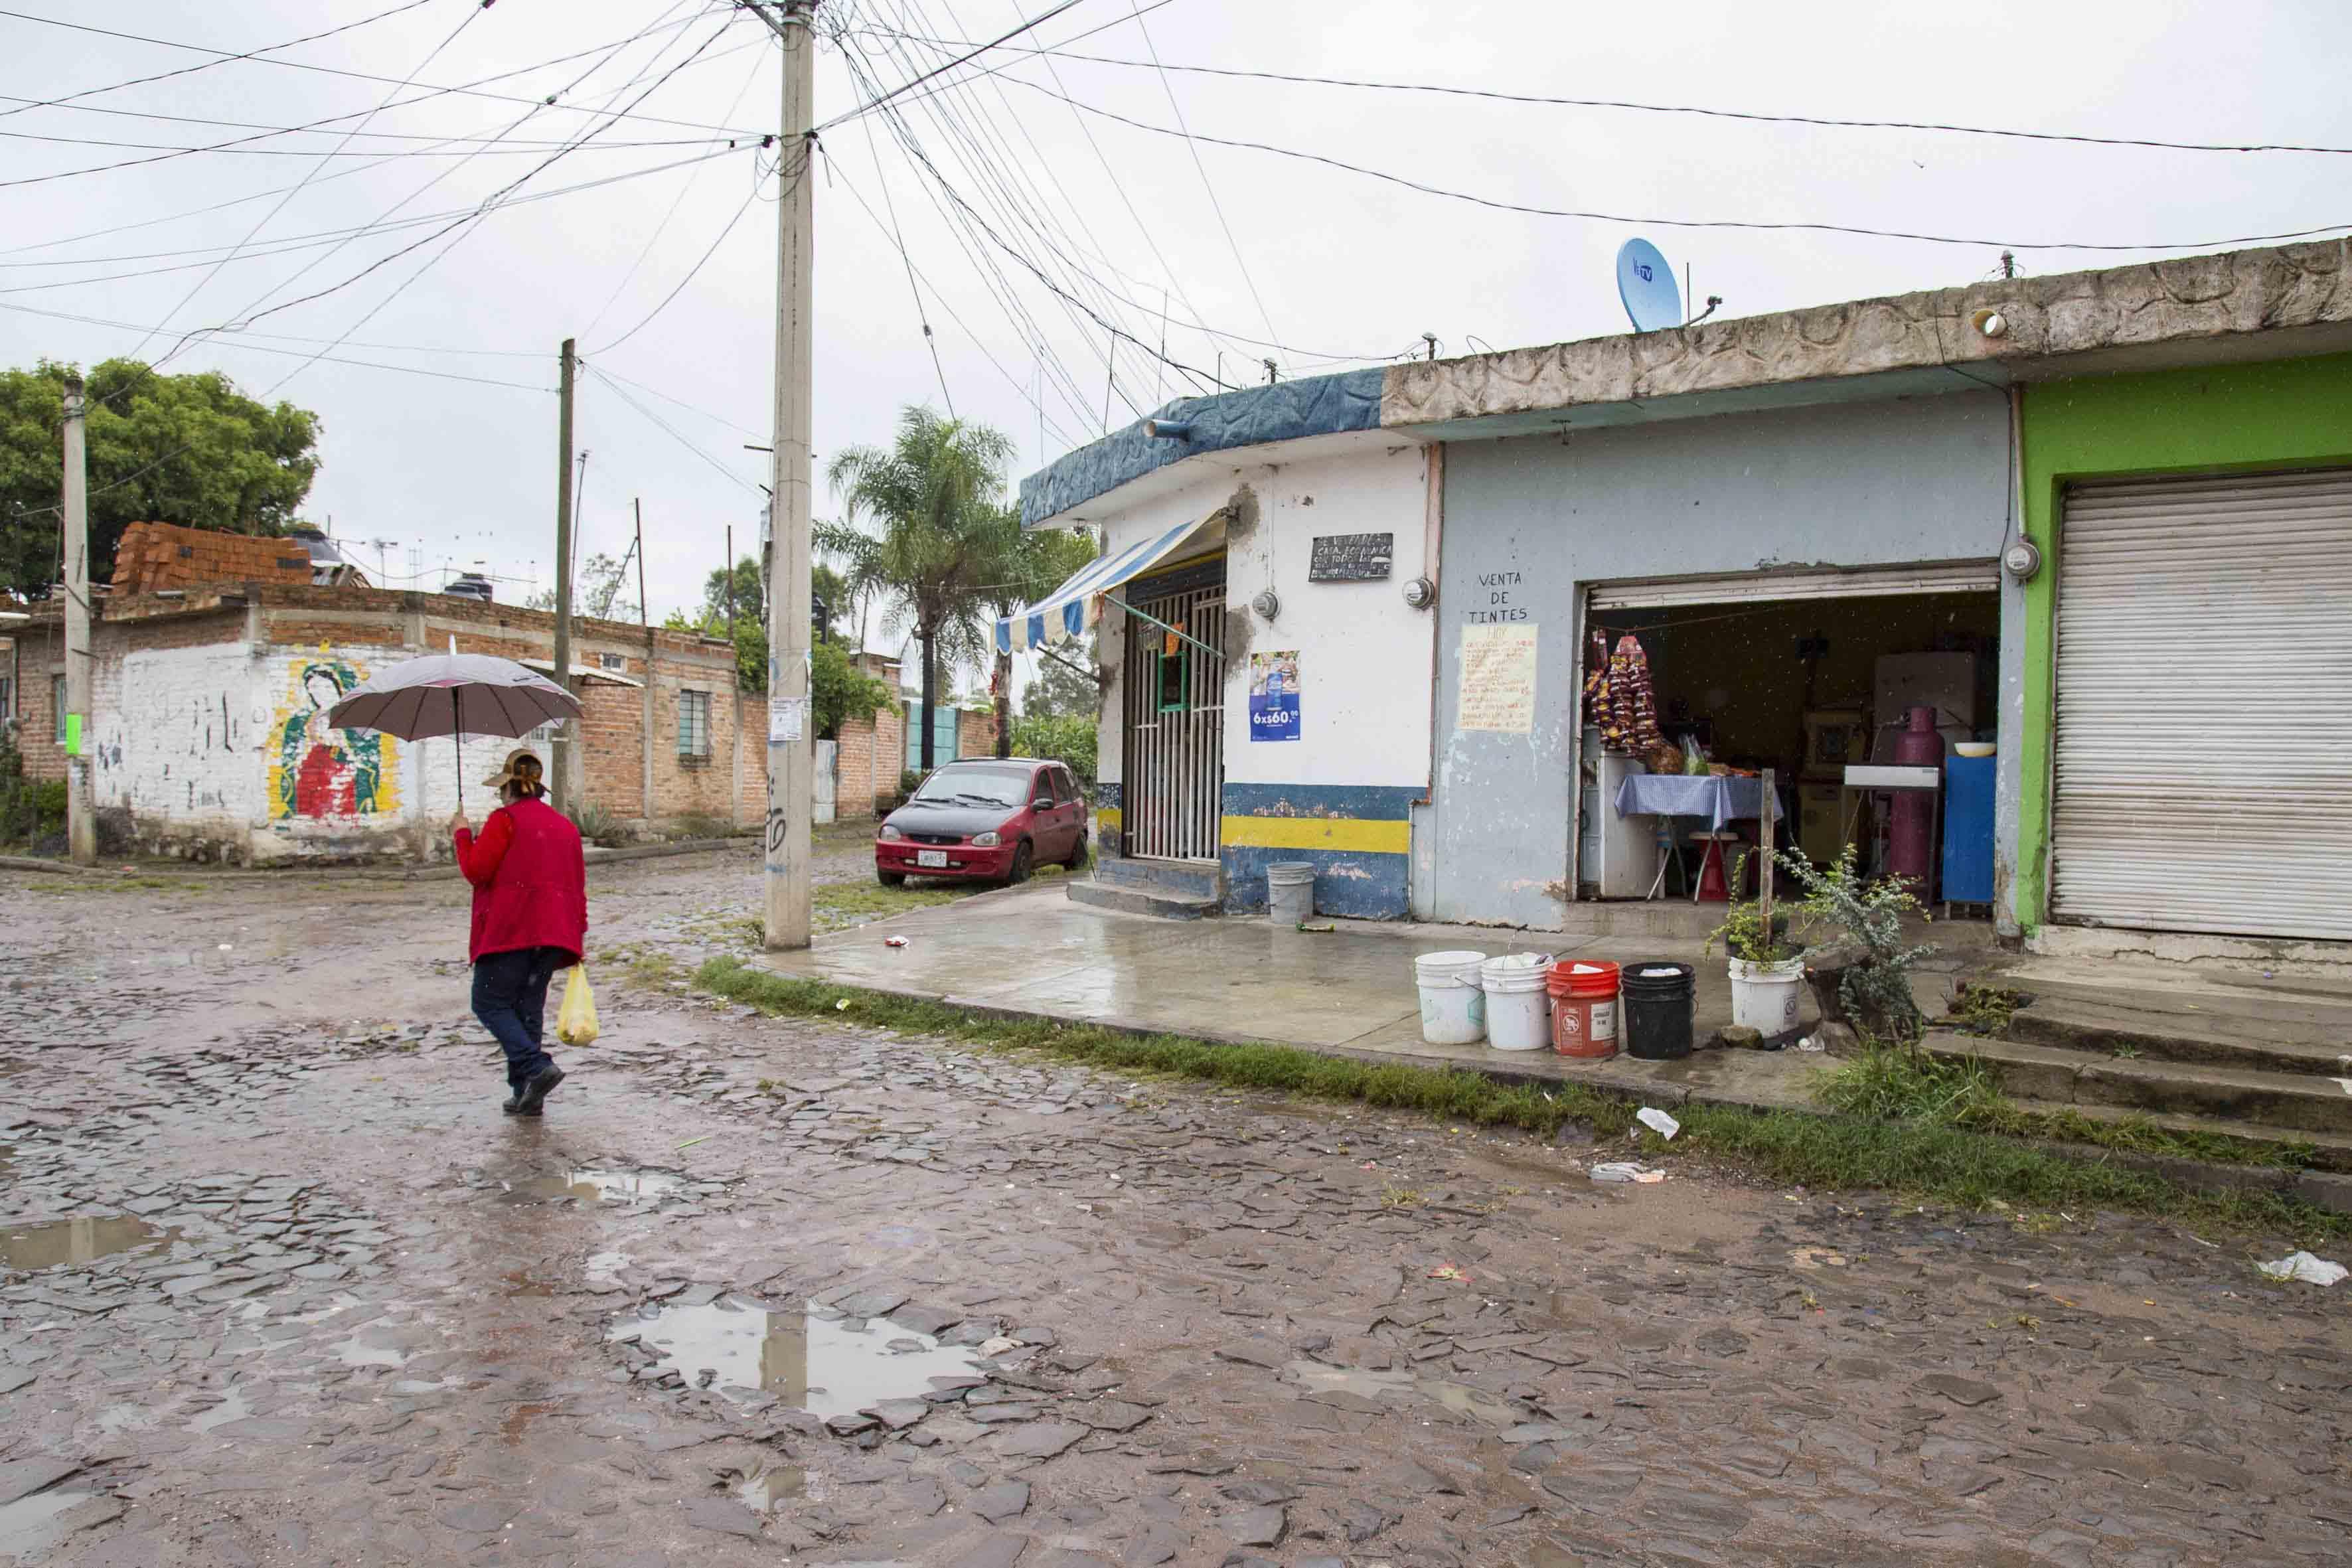 Calle empedrada del municipio del Salto.